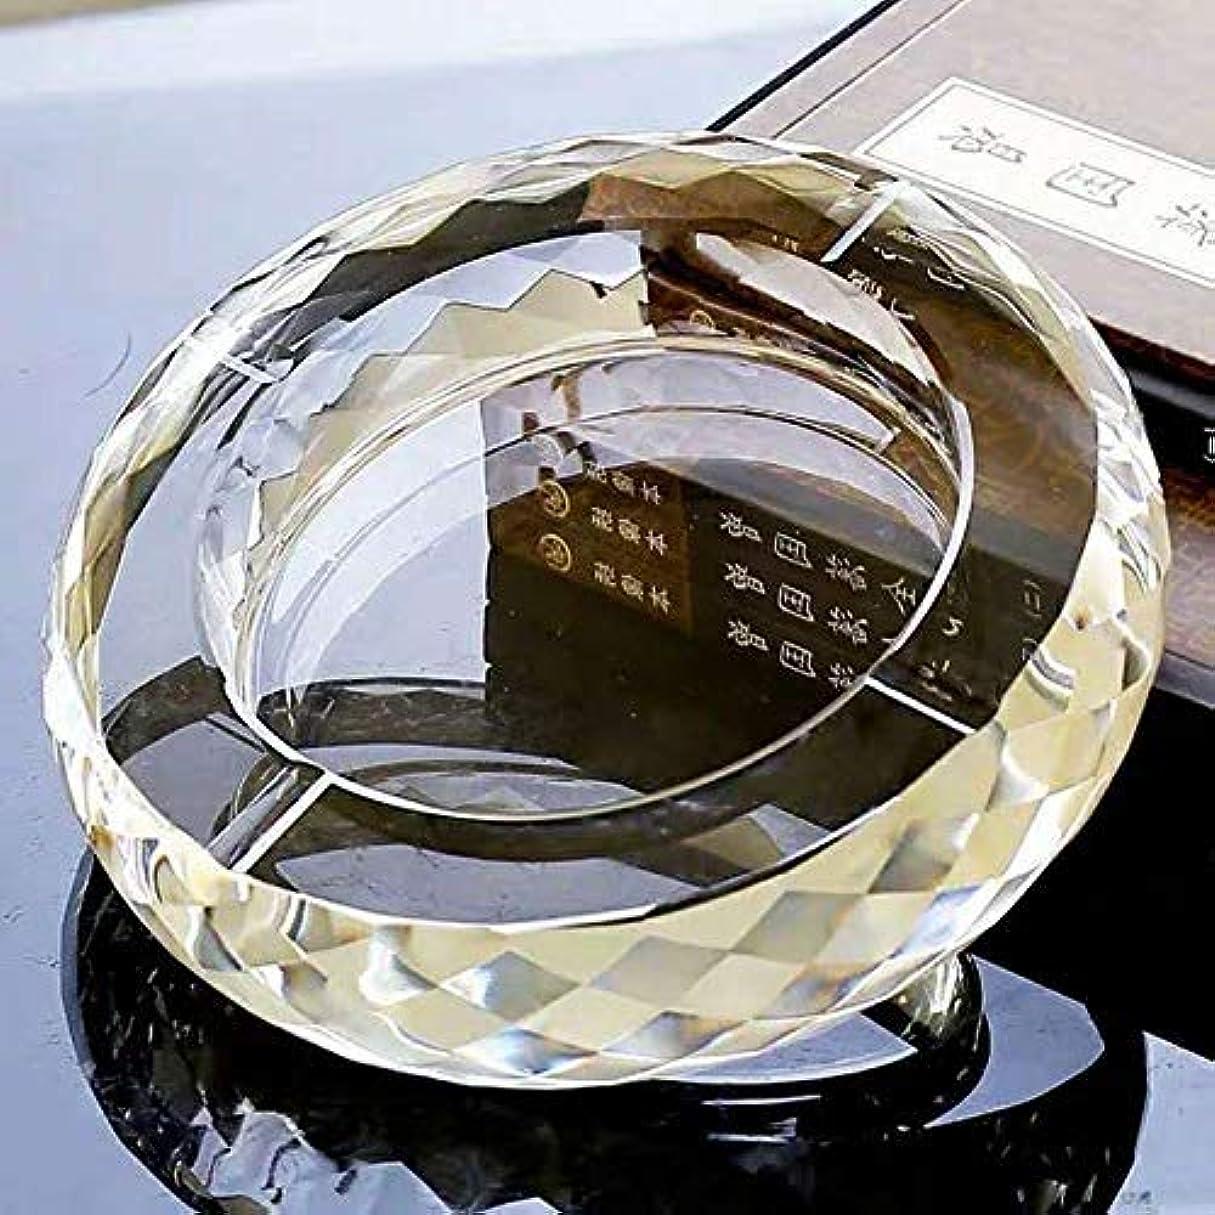 ラッシュ進化気味の悪いK9クリスタル灰皿、テーブル用のエレガントな灰皿、屋外用の透明度の高い灰皿、小売パッケージ付きの新築祝いギフト(多角形)